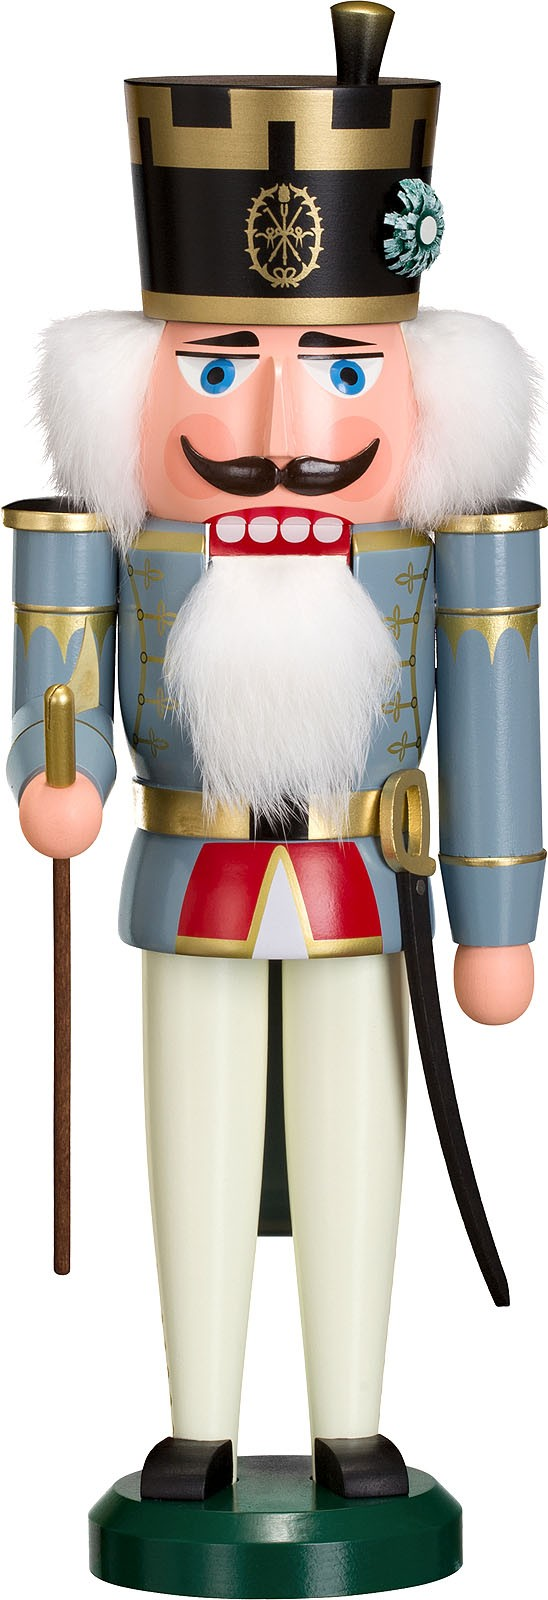 Nussknacker Offiziant, 38 cm